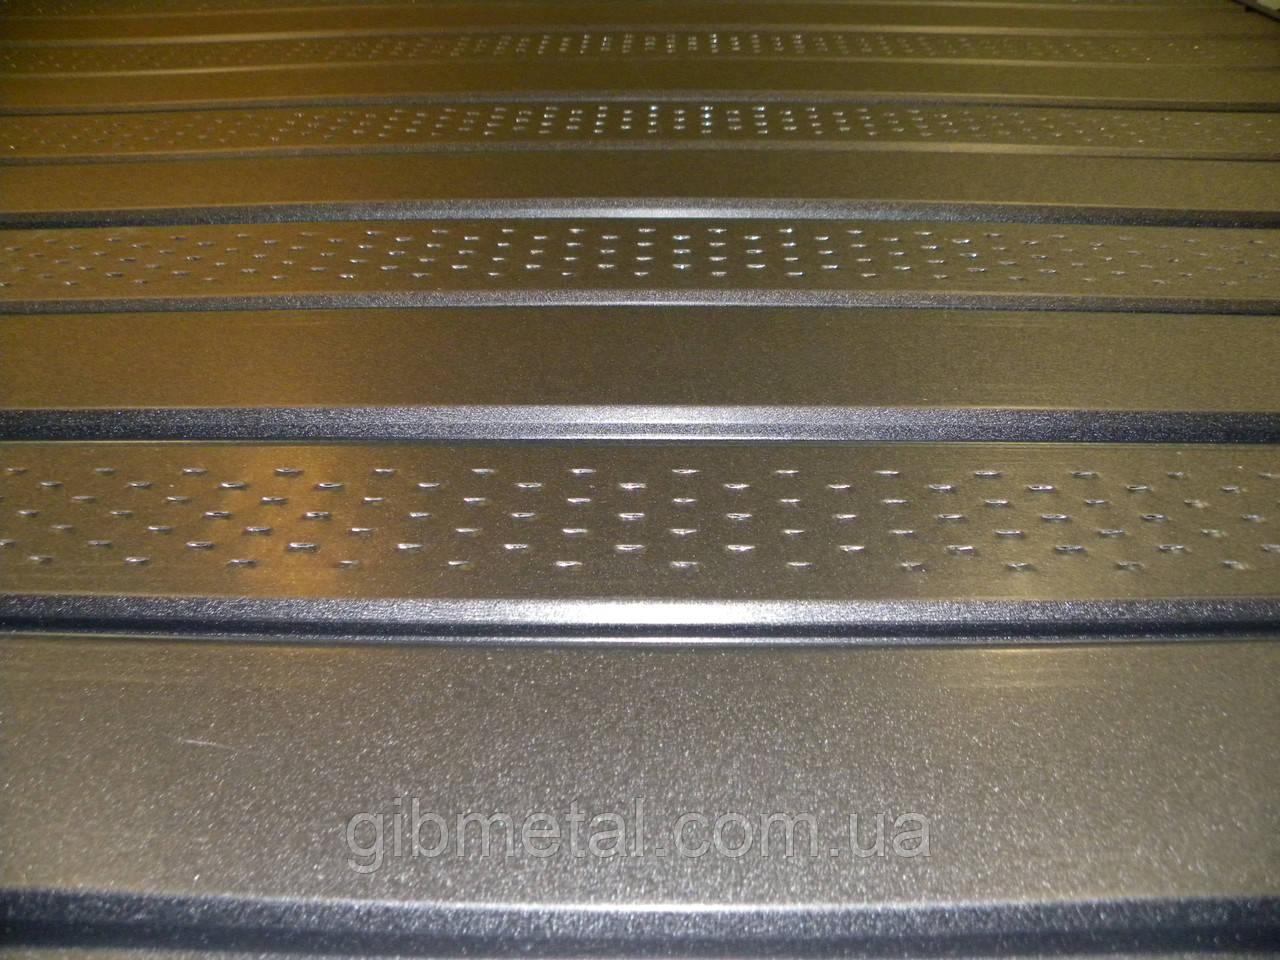 Софит металлический перфорированый  0,45 мм  «Sutor» (Китай)